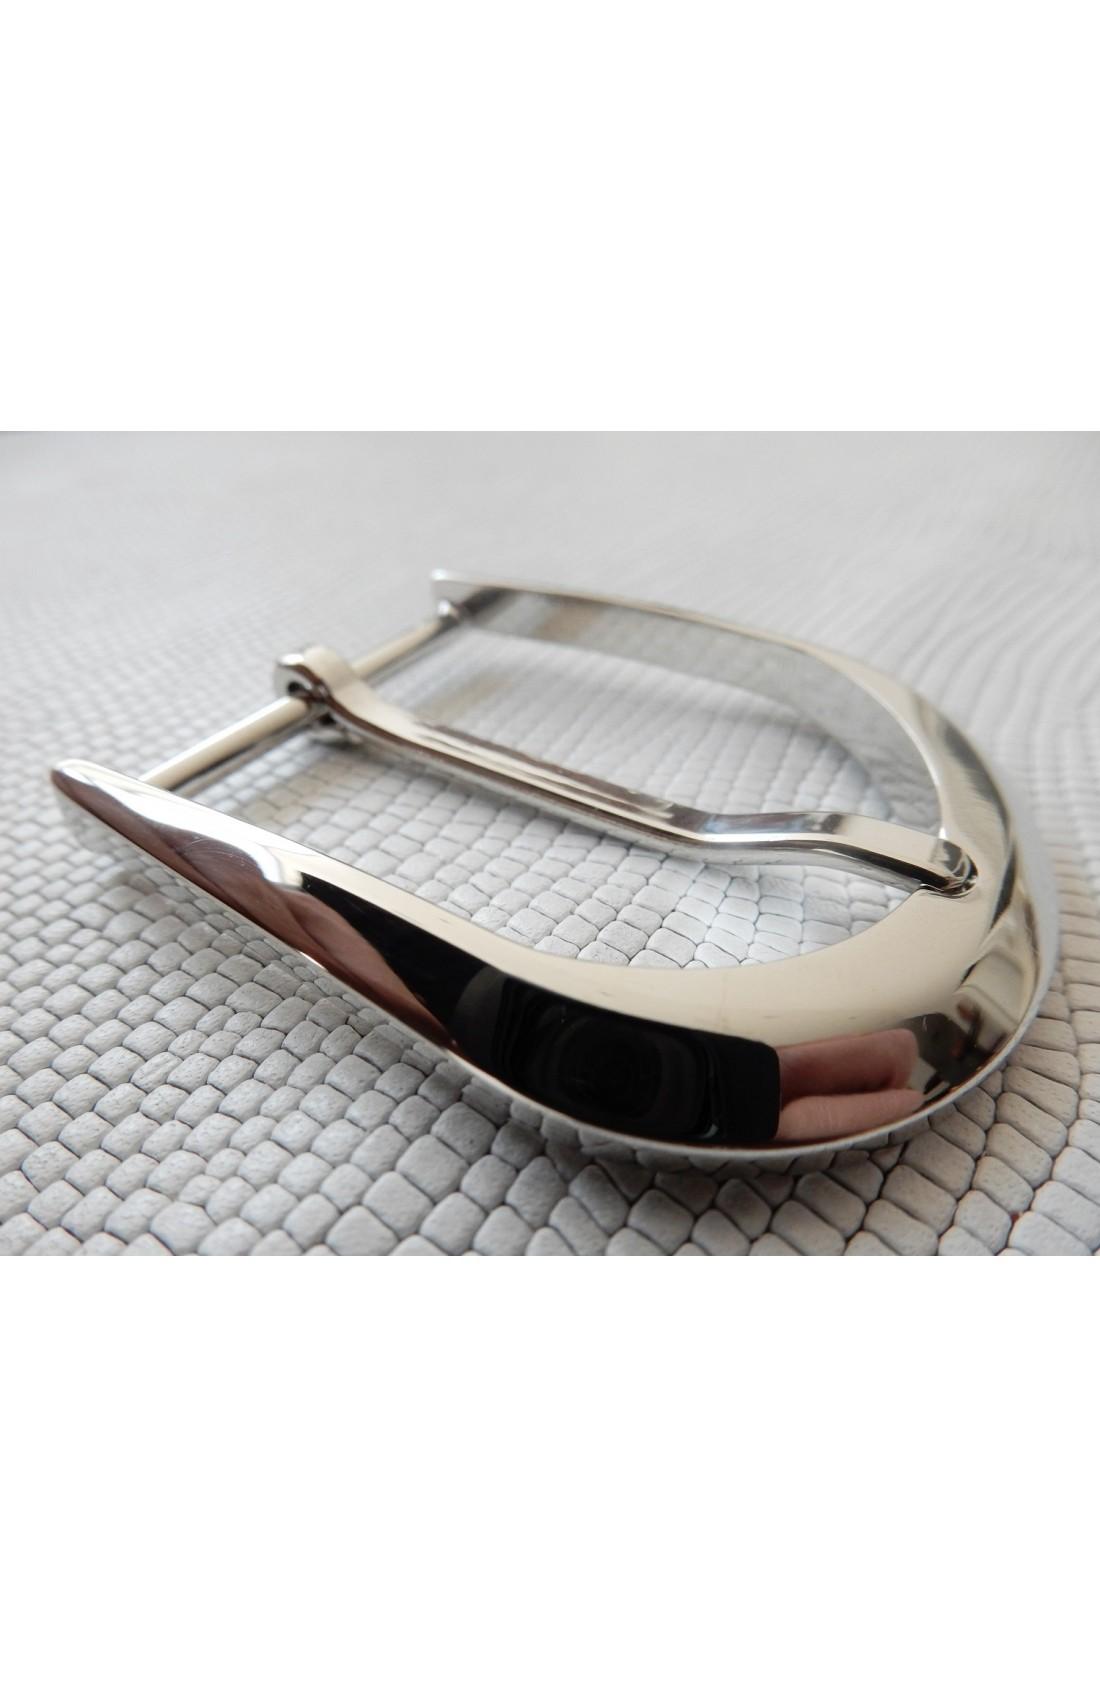 Fibbia Standard N 22 mm.35 nikel free (3)